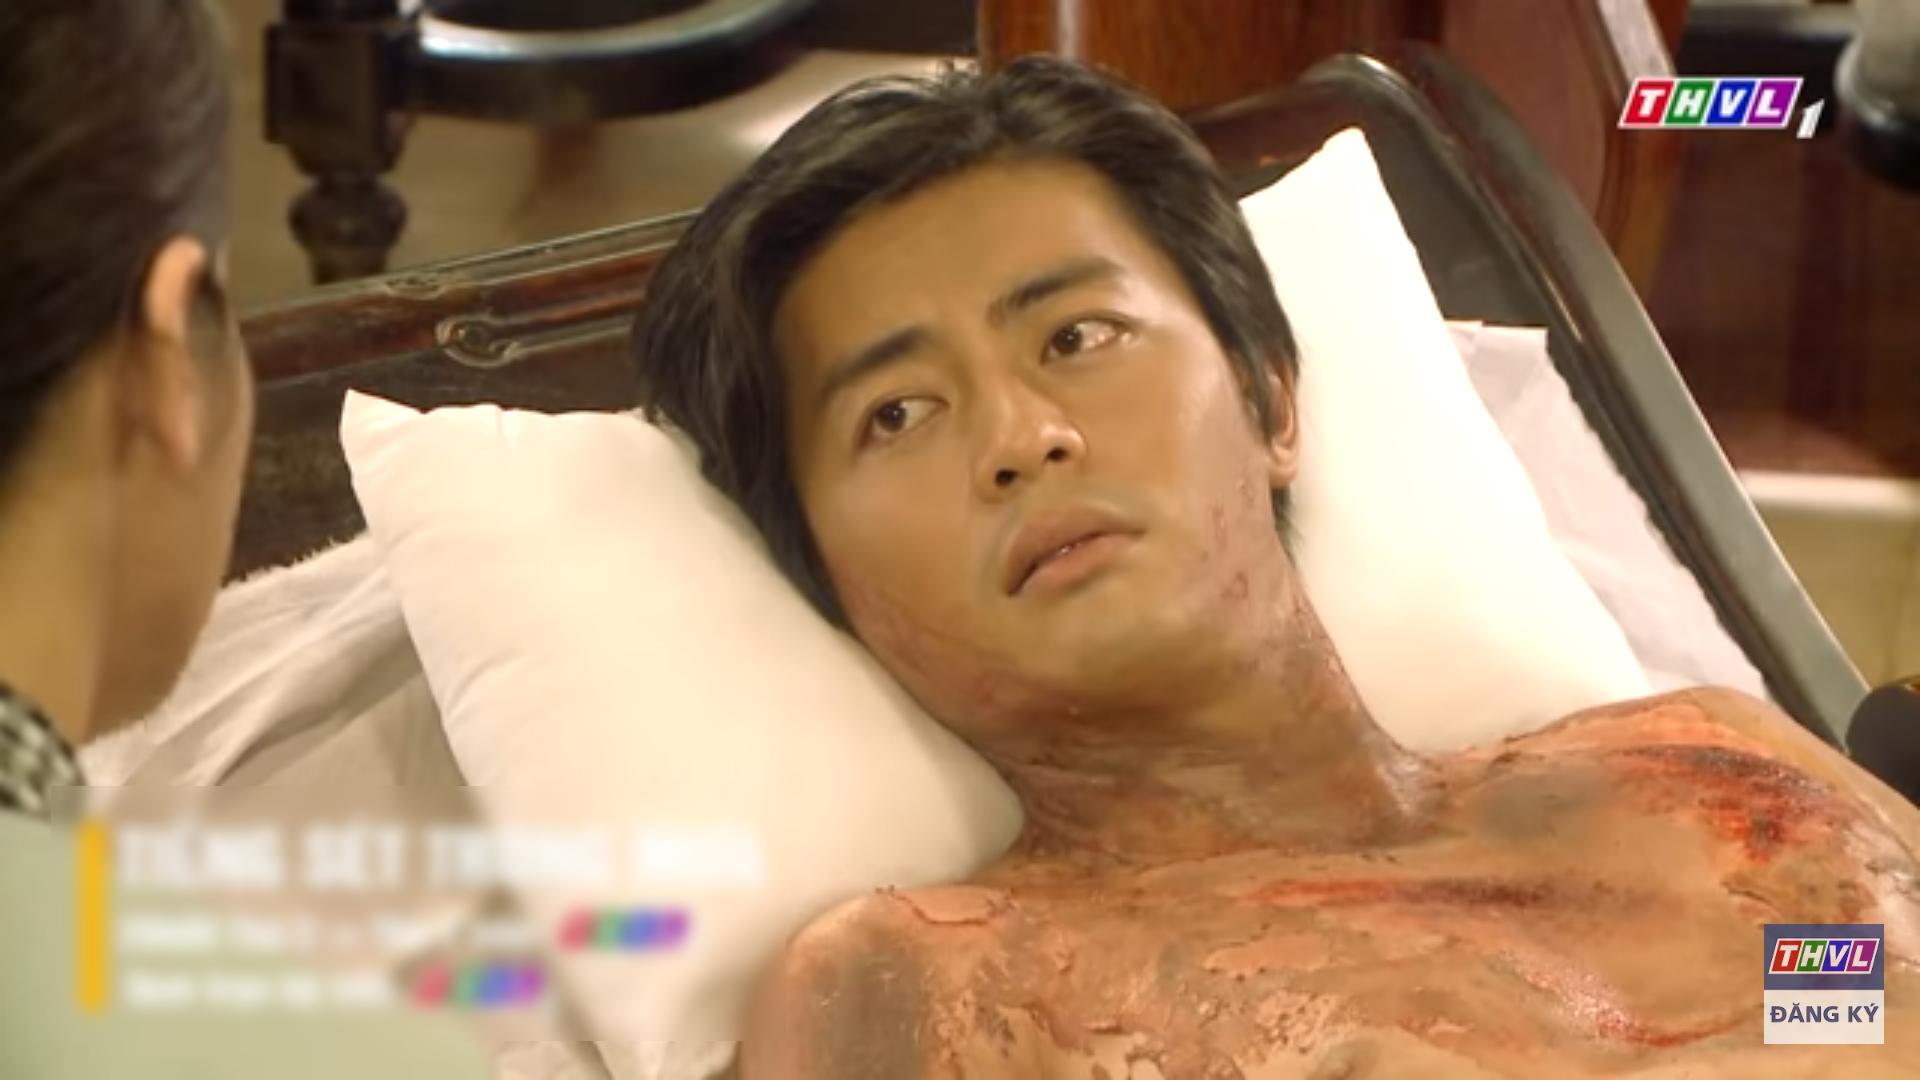 'Tiếng sét trong mưa' trailer tập 42: Hai Sáng lại 'tạo nghiệp' mới, sát hại chồng bà Lẫm vì bị dằn mặt? 8